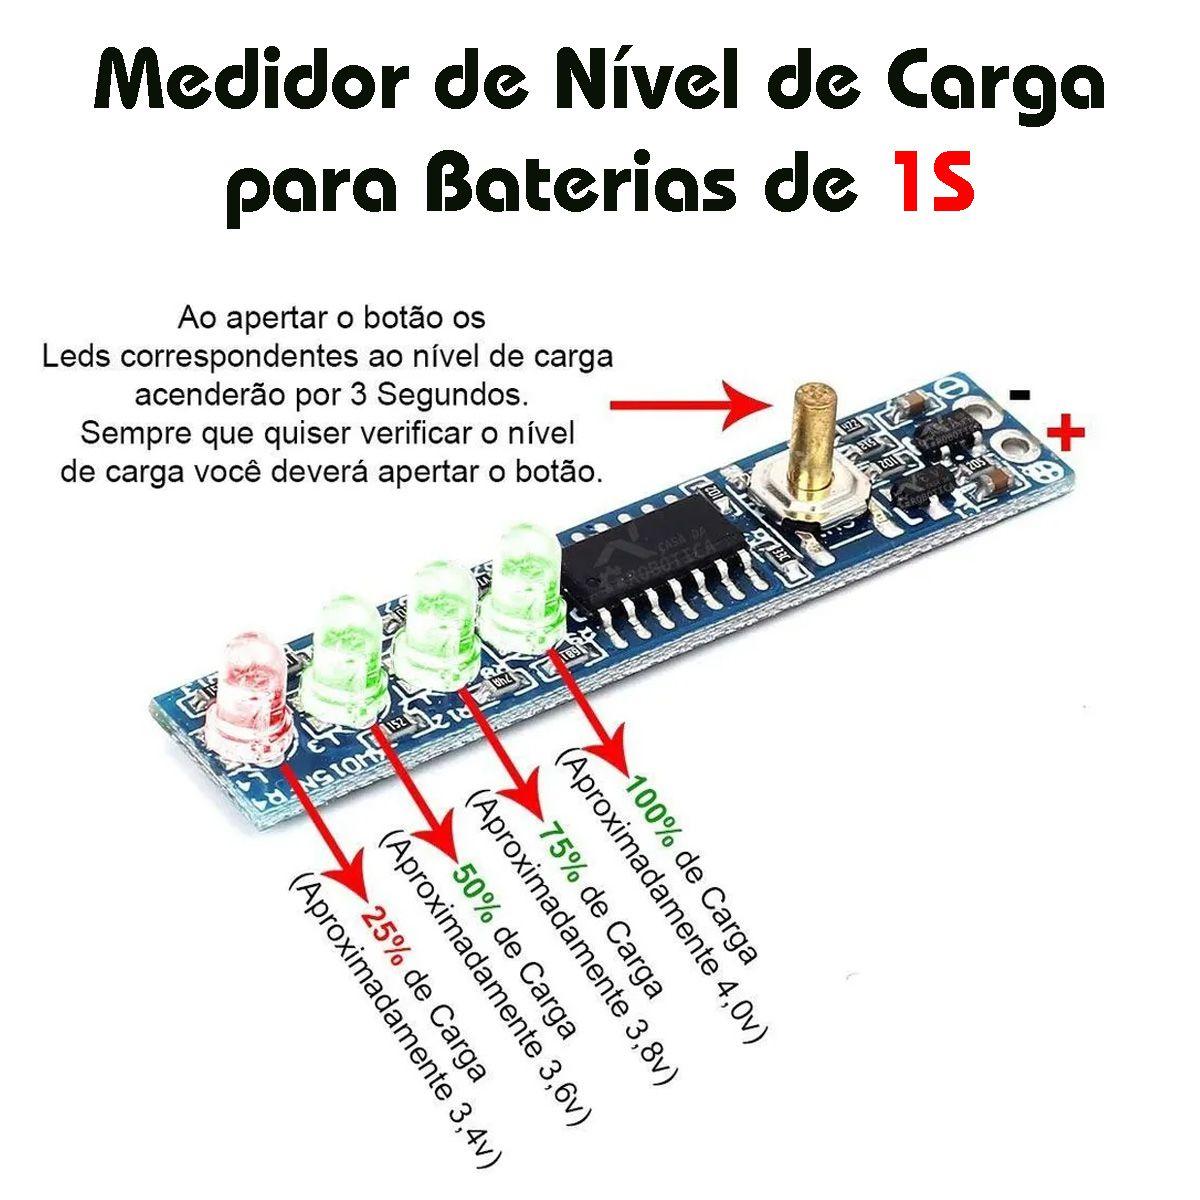 Voltímetro Indicador de Nível de Carga para Baterias 1S 4,2V